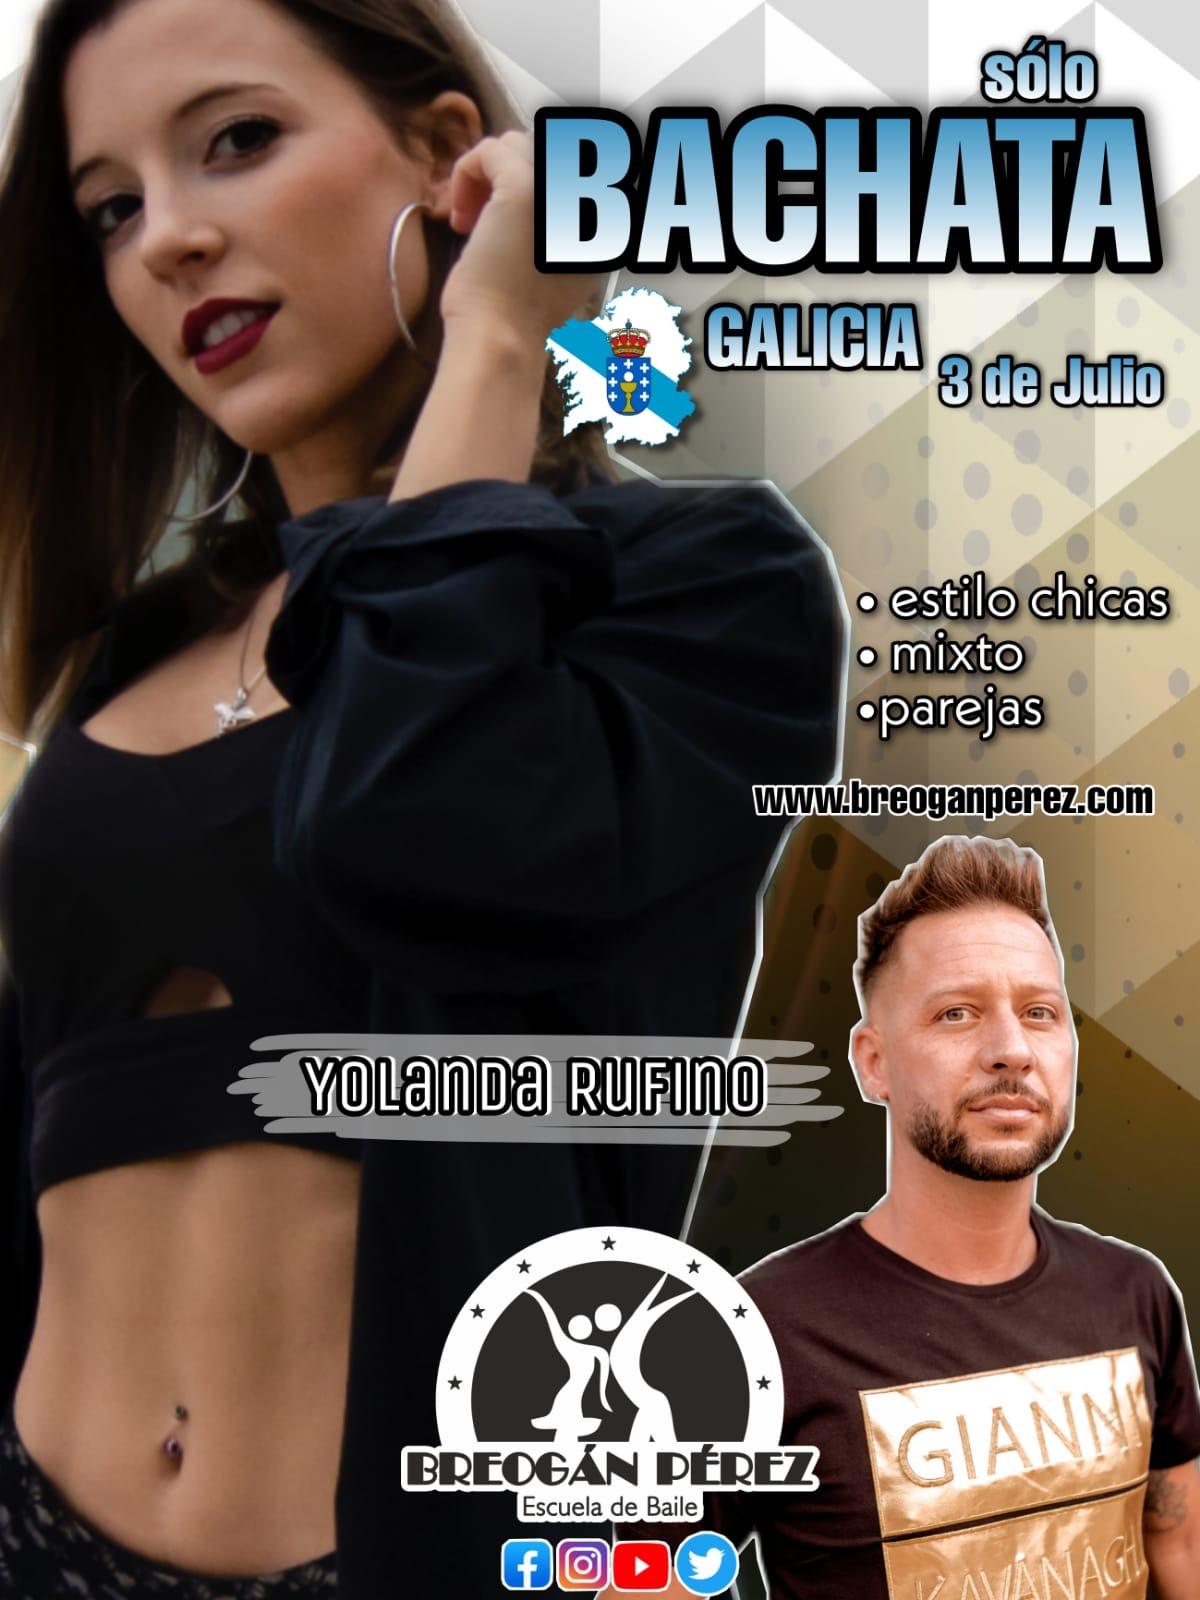 YOLANDA RUFINO. TALLER DE BACHATA